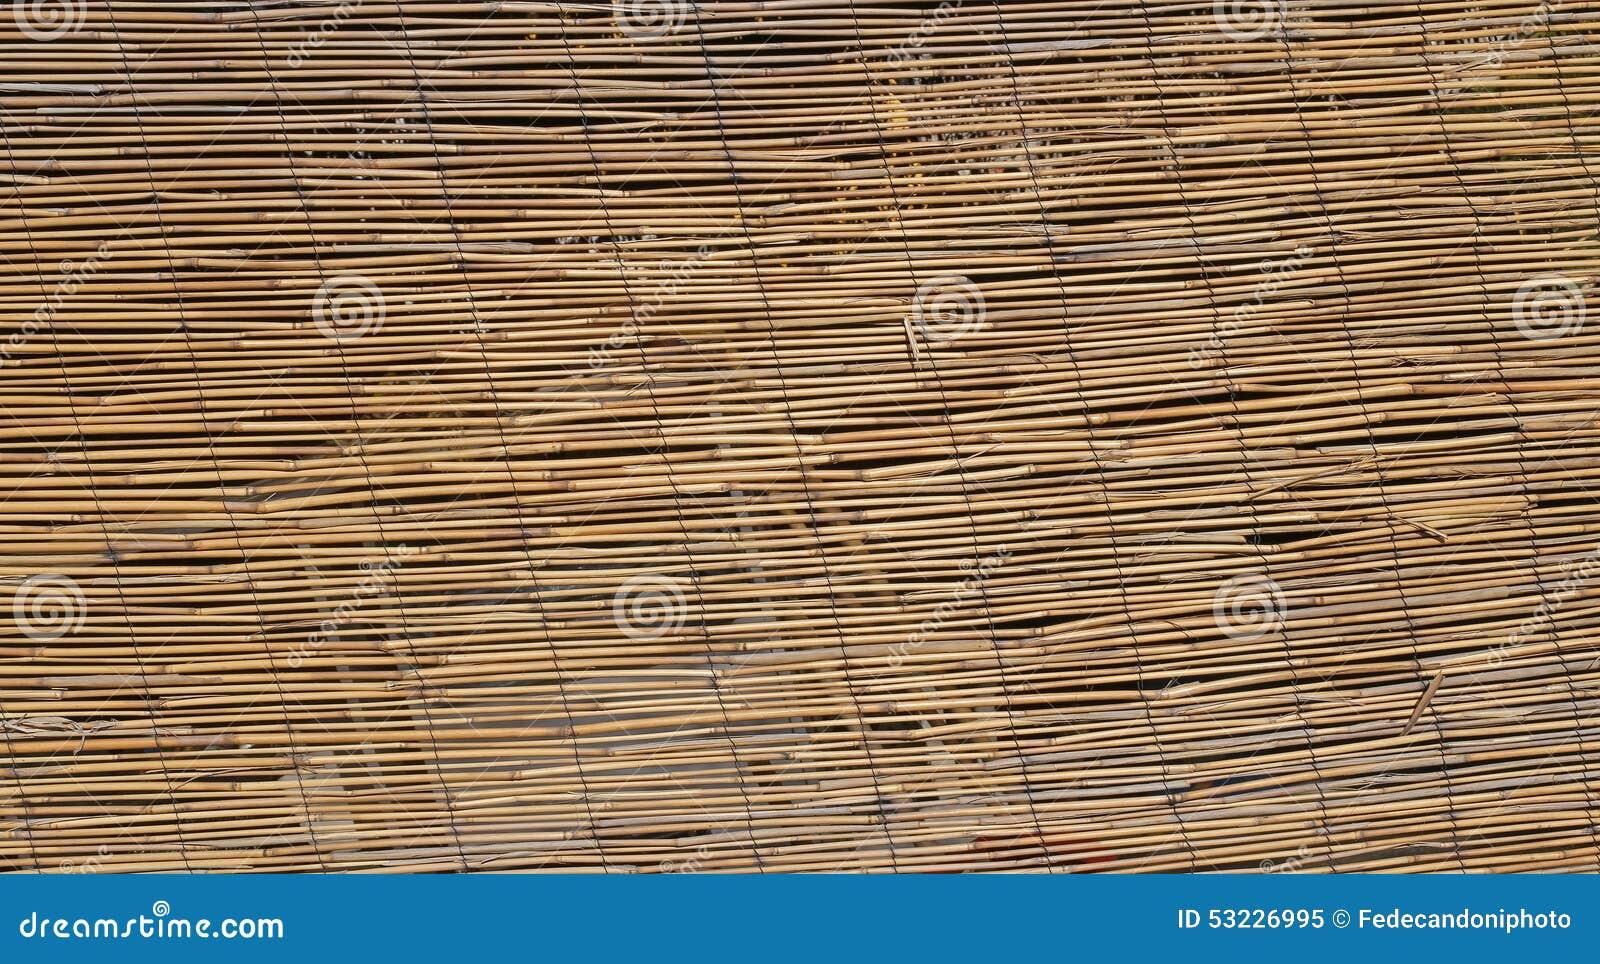 Texturice el fondo de los bastones de bambú grandes entrelazados con cada othe